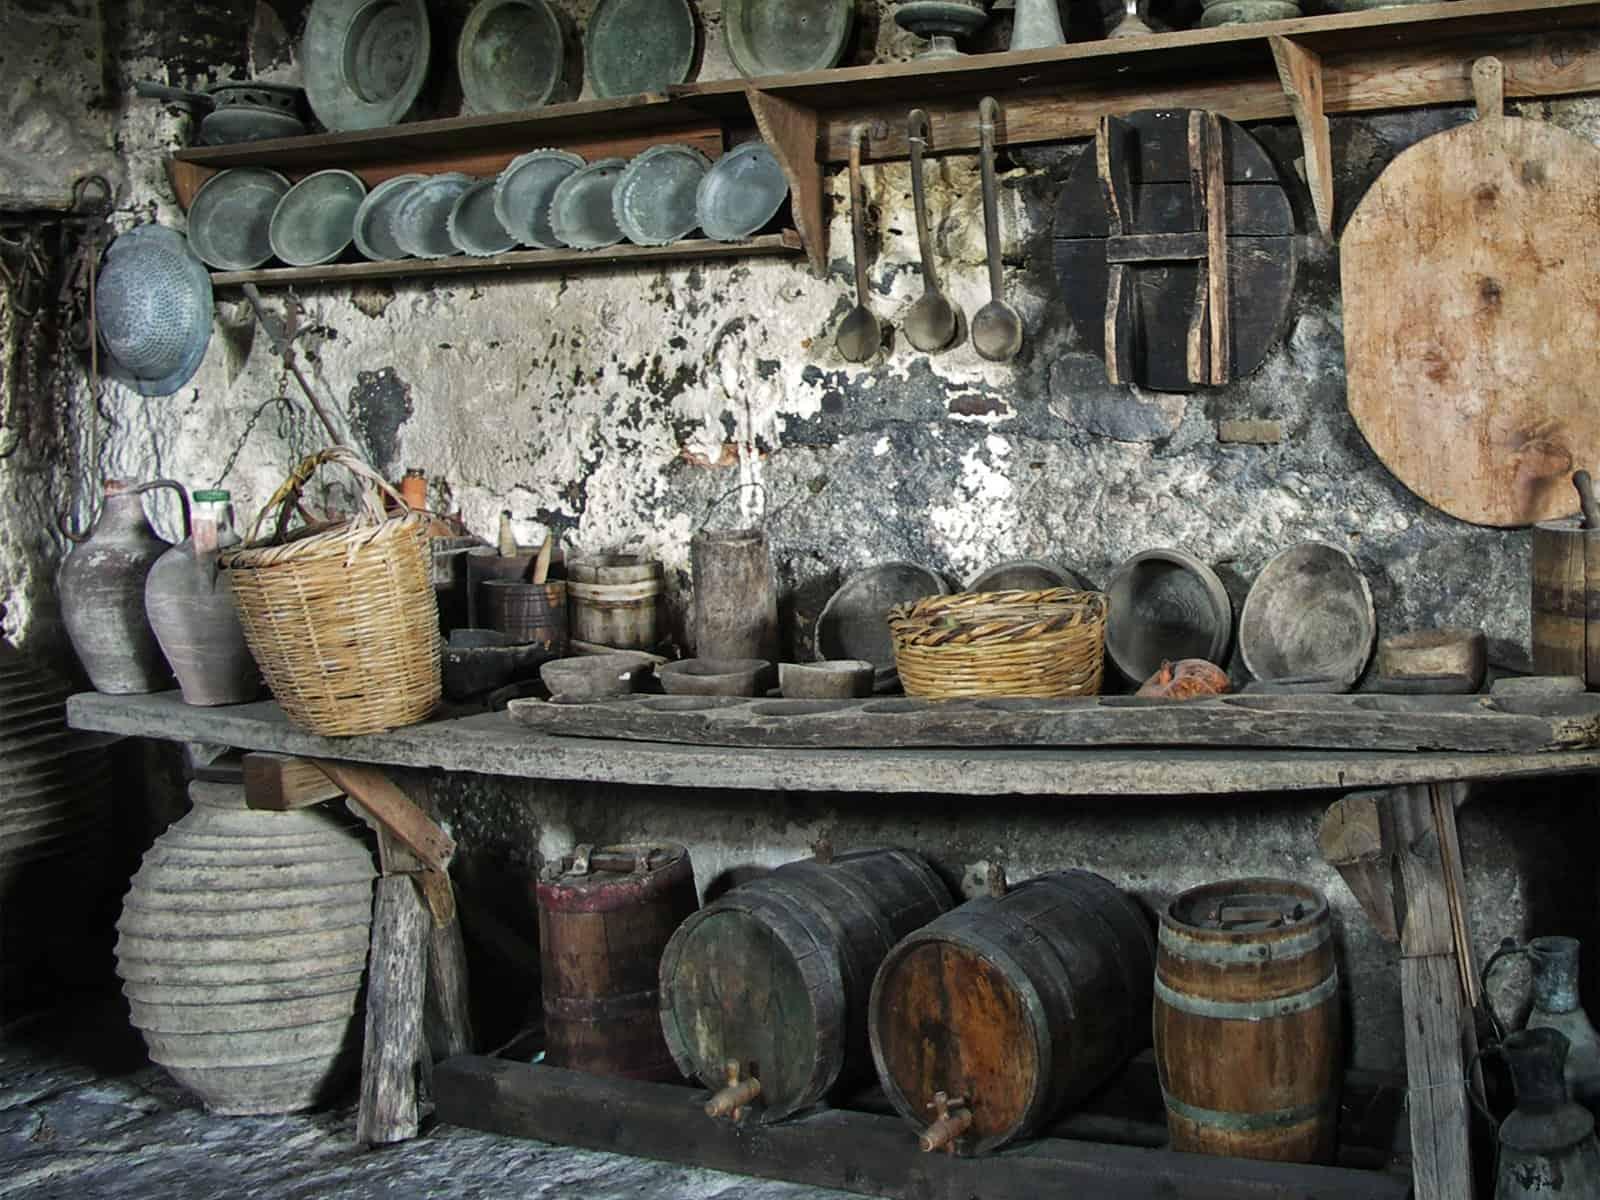 Starodávne kuchyňe v kláštore v Meteore, Grécko